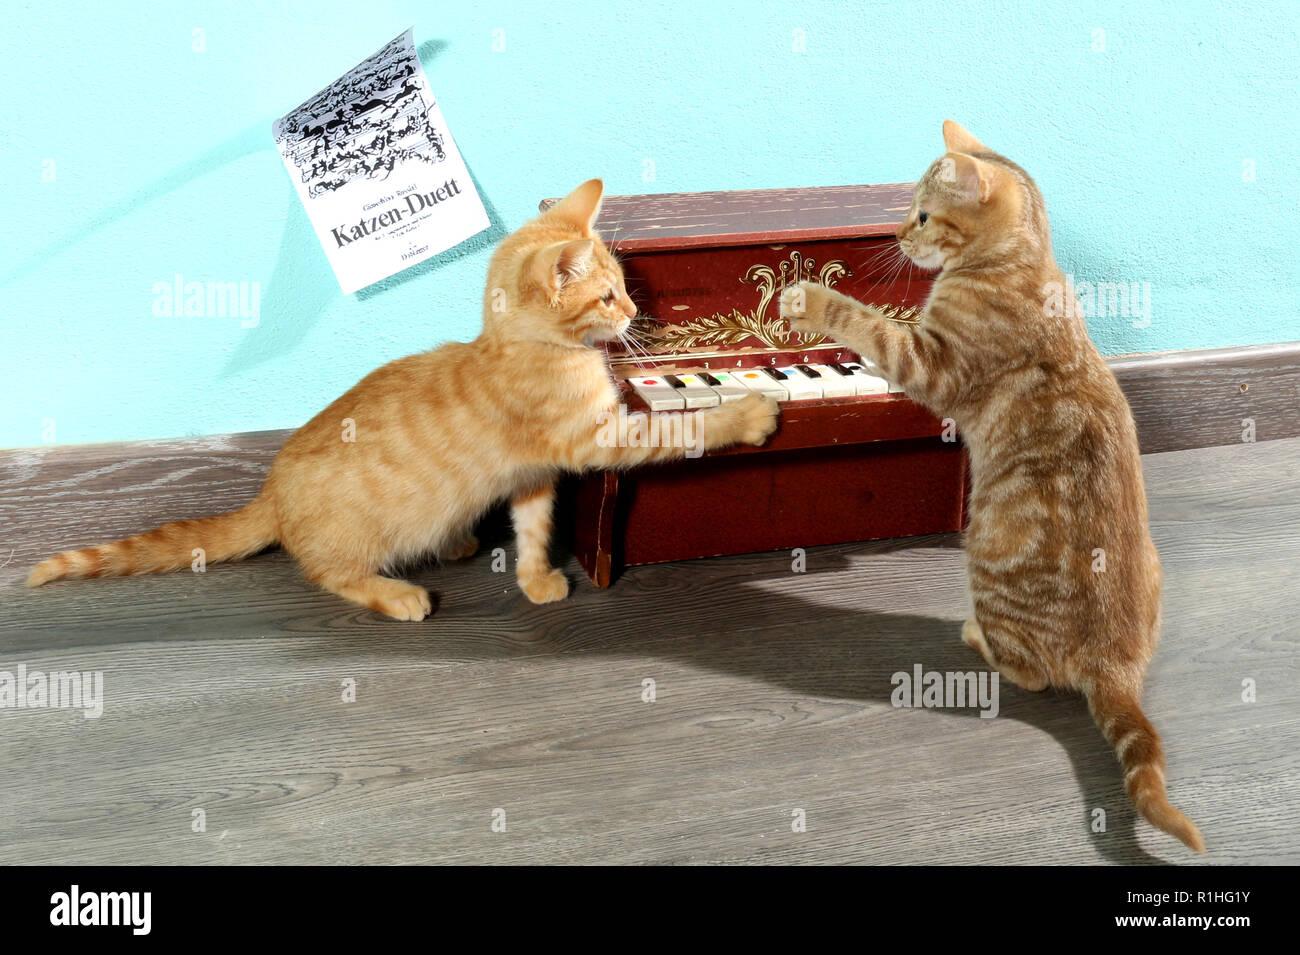 Zwei Kätzchen spielen mit einem Mini piano Stockfoto